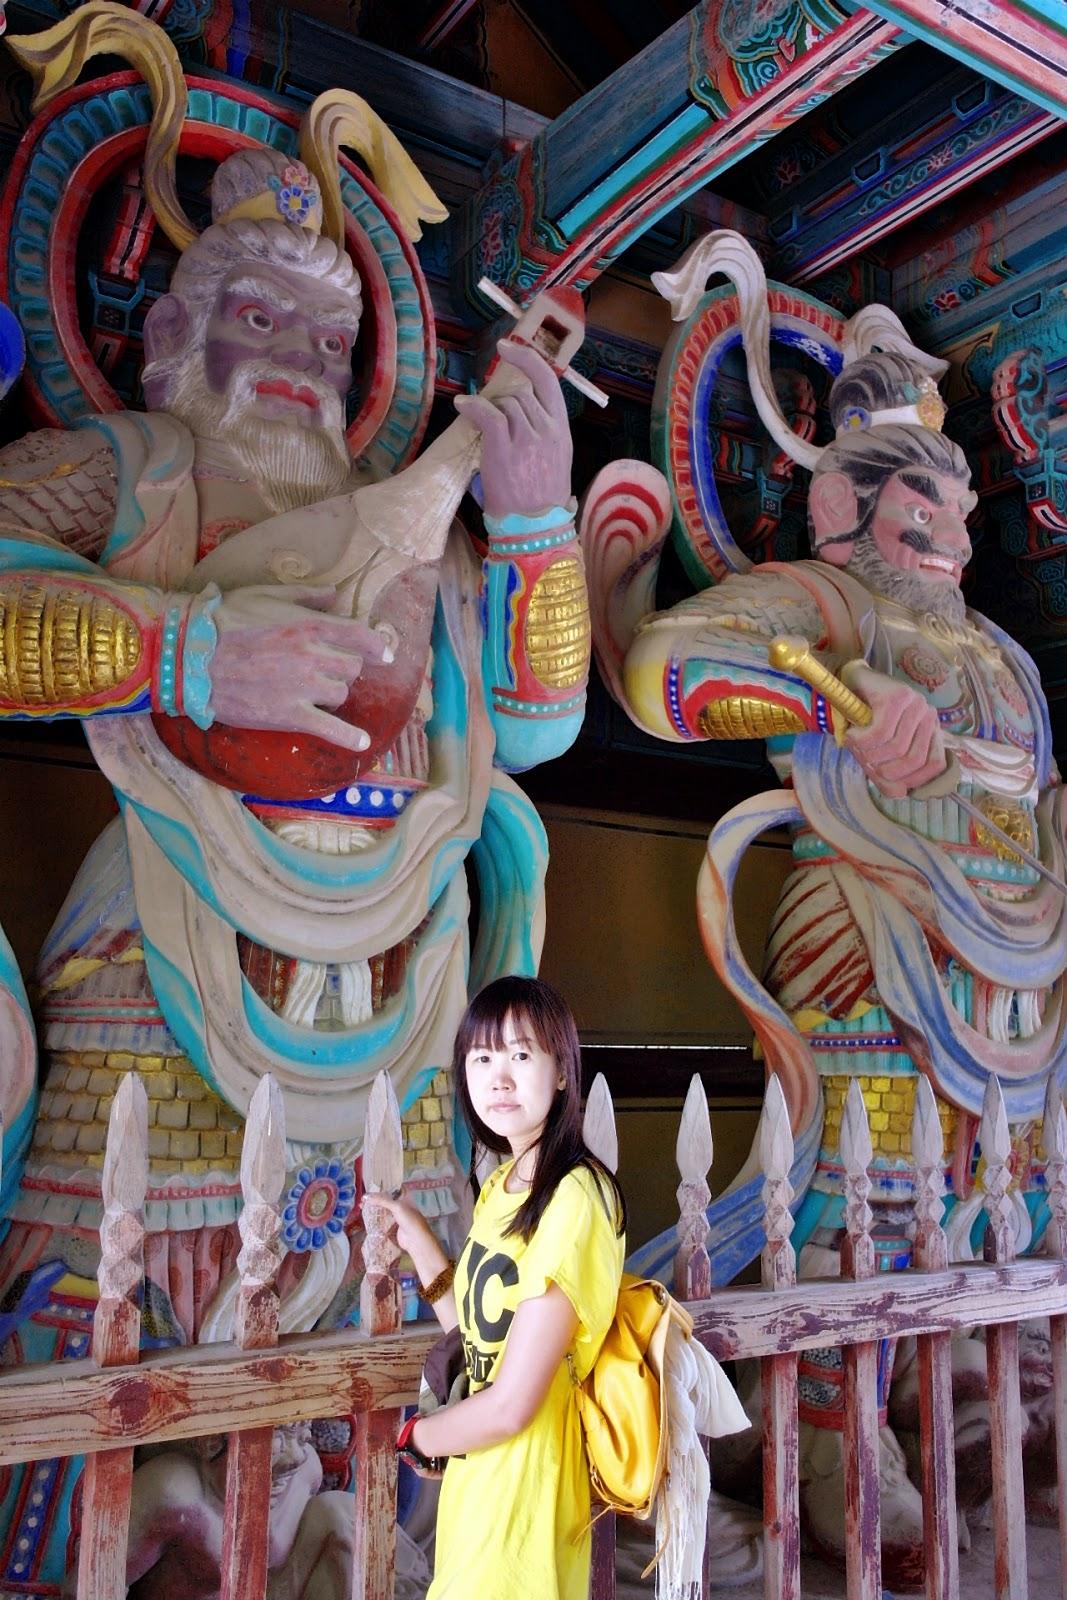 [Gyeongju] Bulguksa Temple and Seokgurum Grotto  meheartsoul.blogspot.com